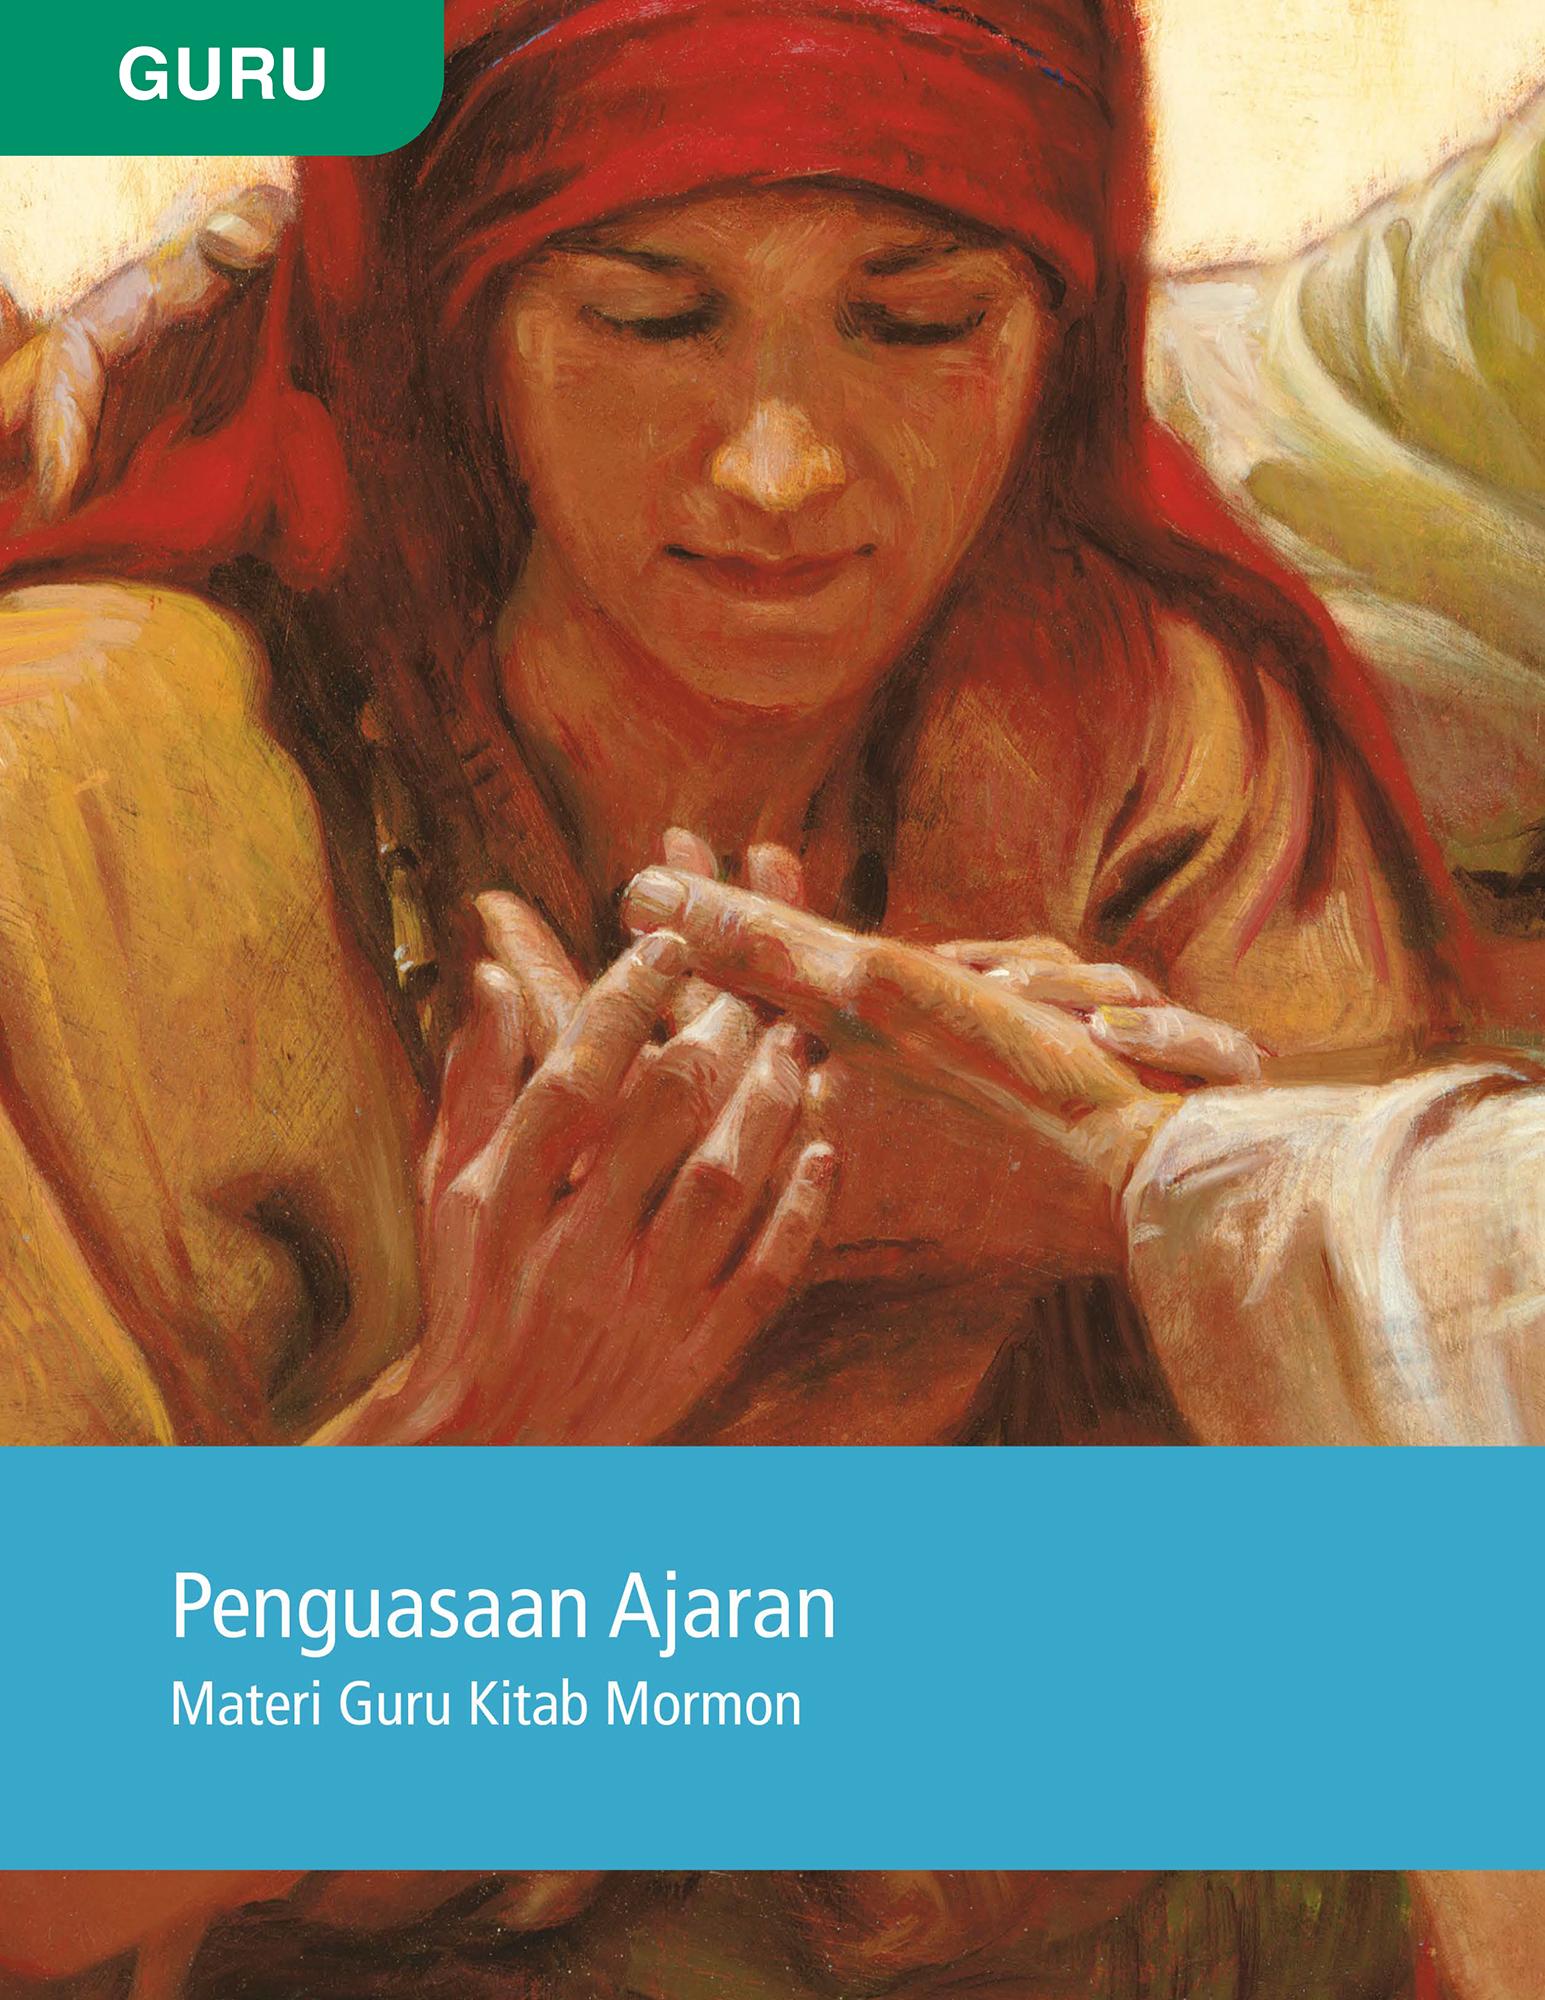 Penguasaan Ajaran Materi Guru Kitab Mormon